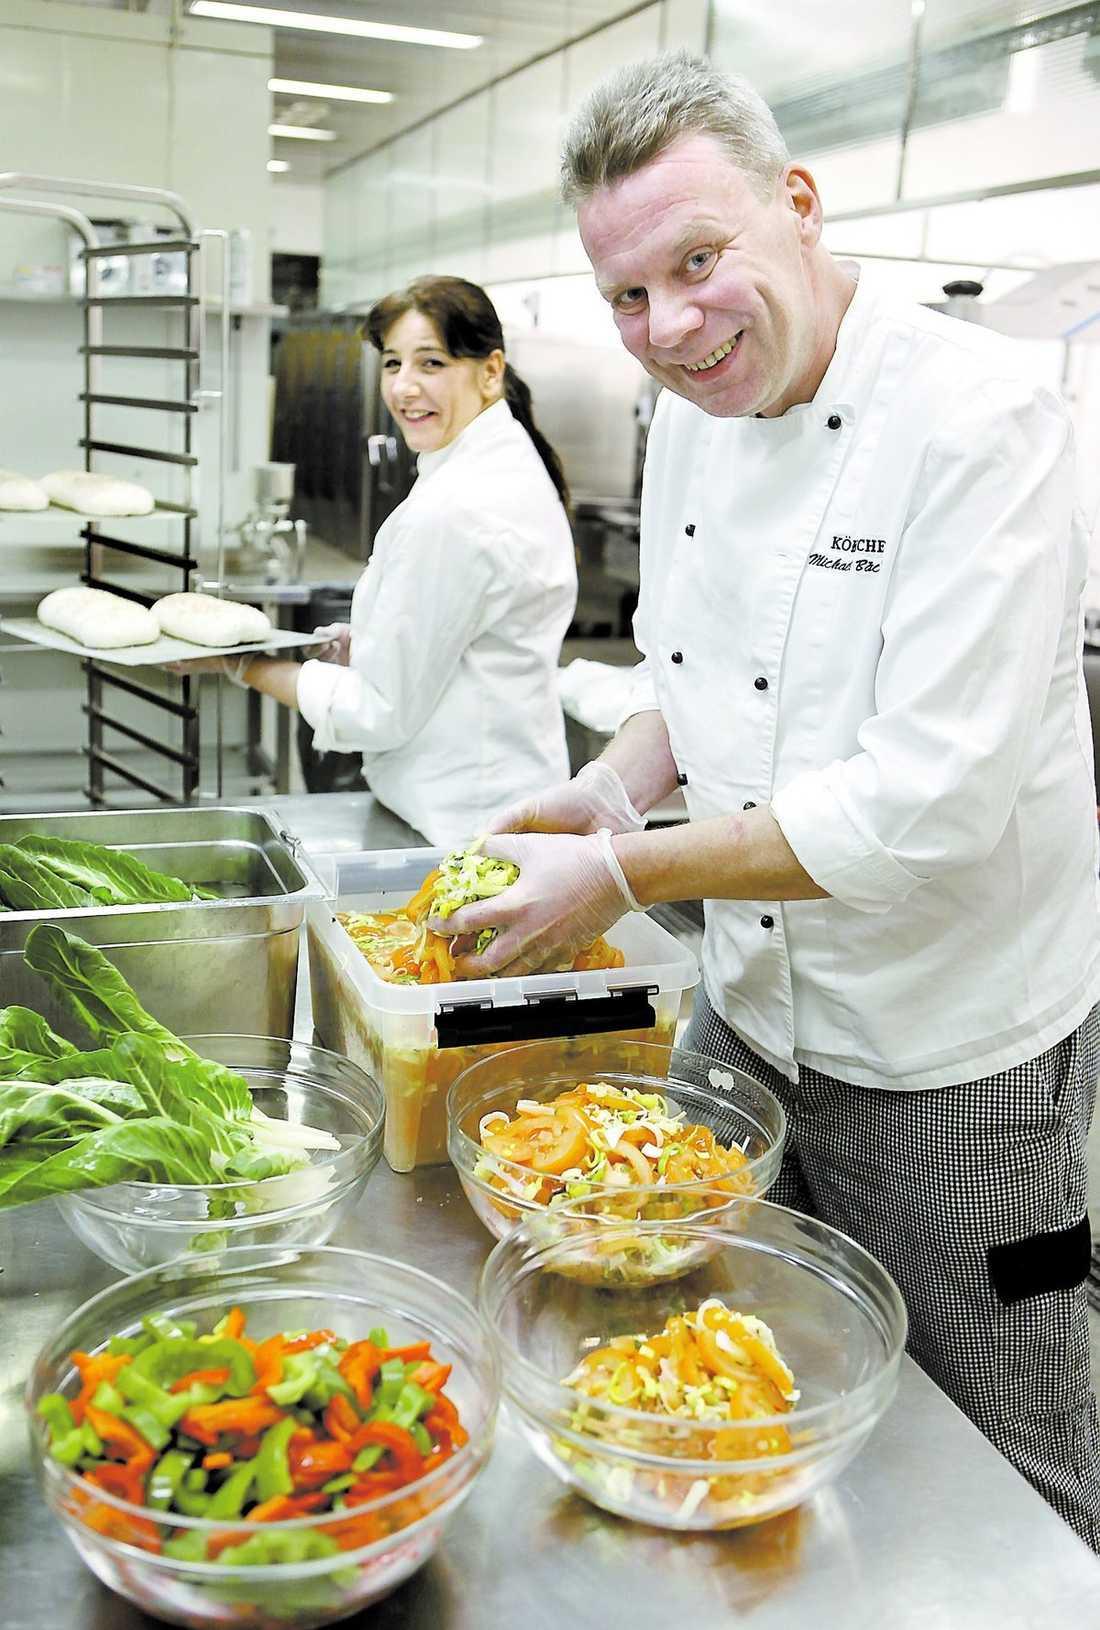 fräscha råvaror Nybakat bröd varje dag och egenhändigt rullade köttbullar. Det är två av ingredienserna i Michael Bäckmans framgångsrecept i köket på Annerstaskolan i Huddinge.